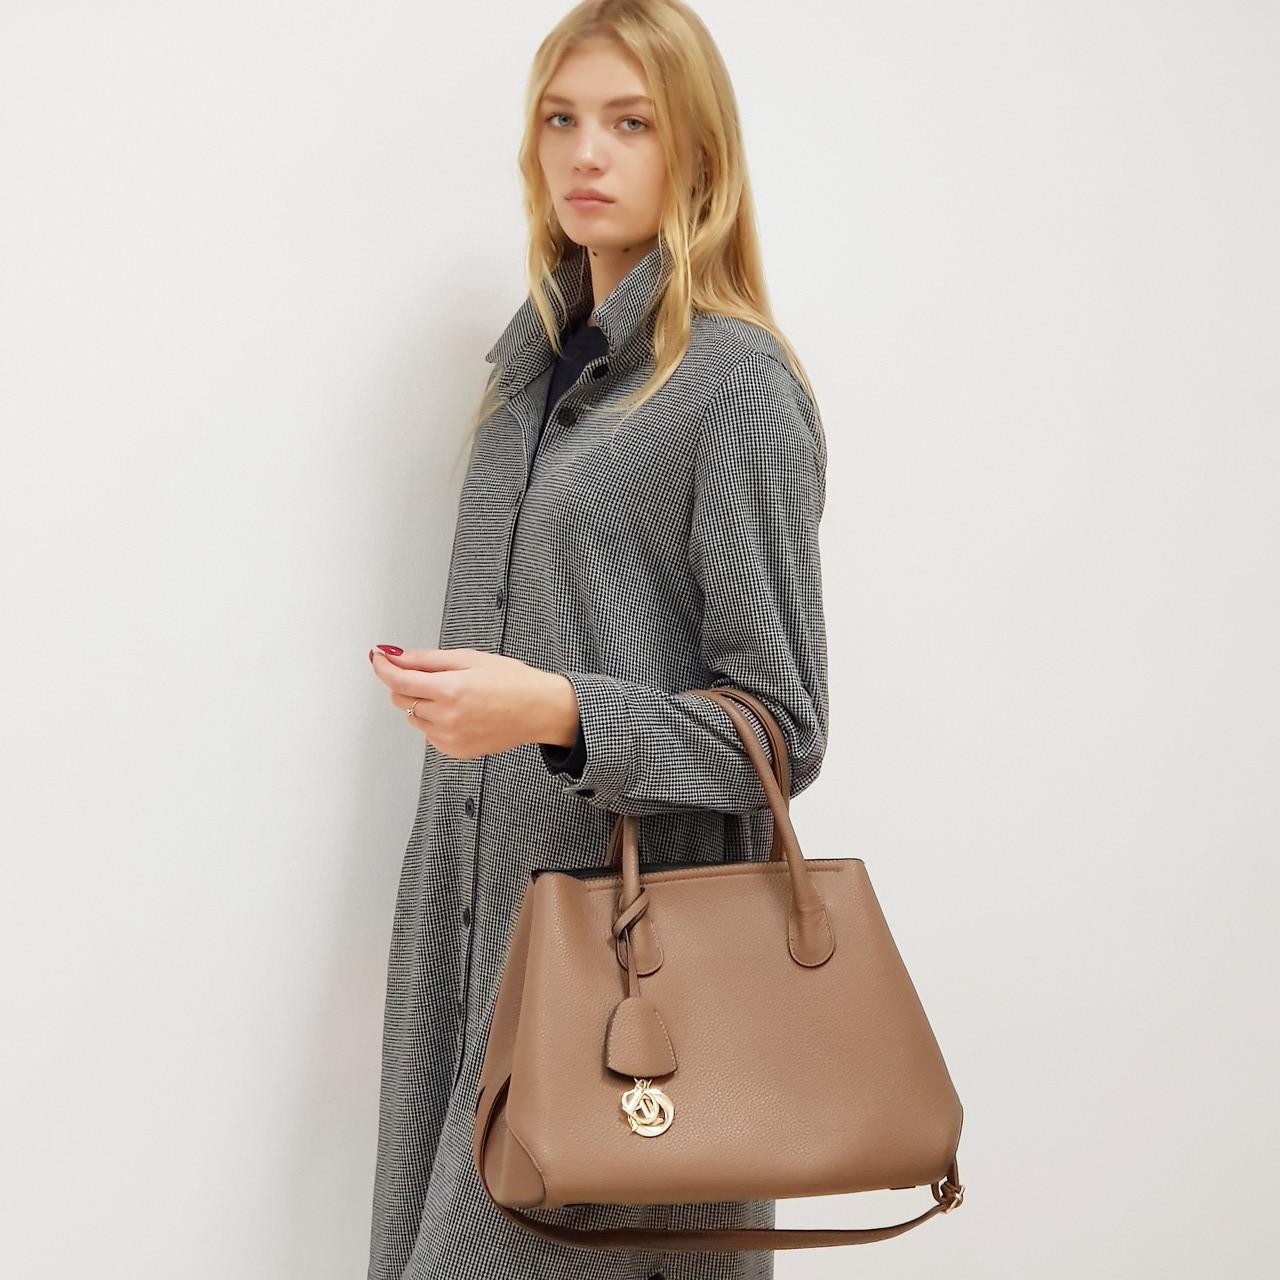 Женская сумочка 2 в 1 коричневая большая повседневная